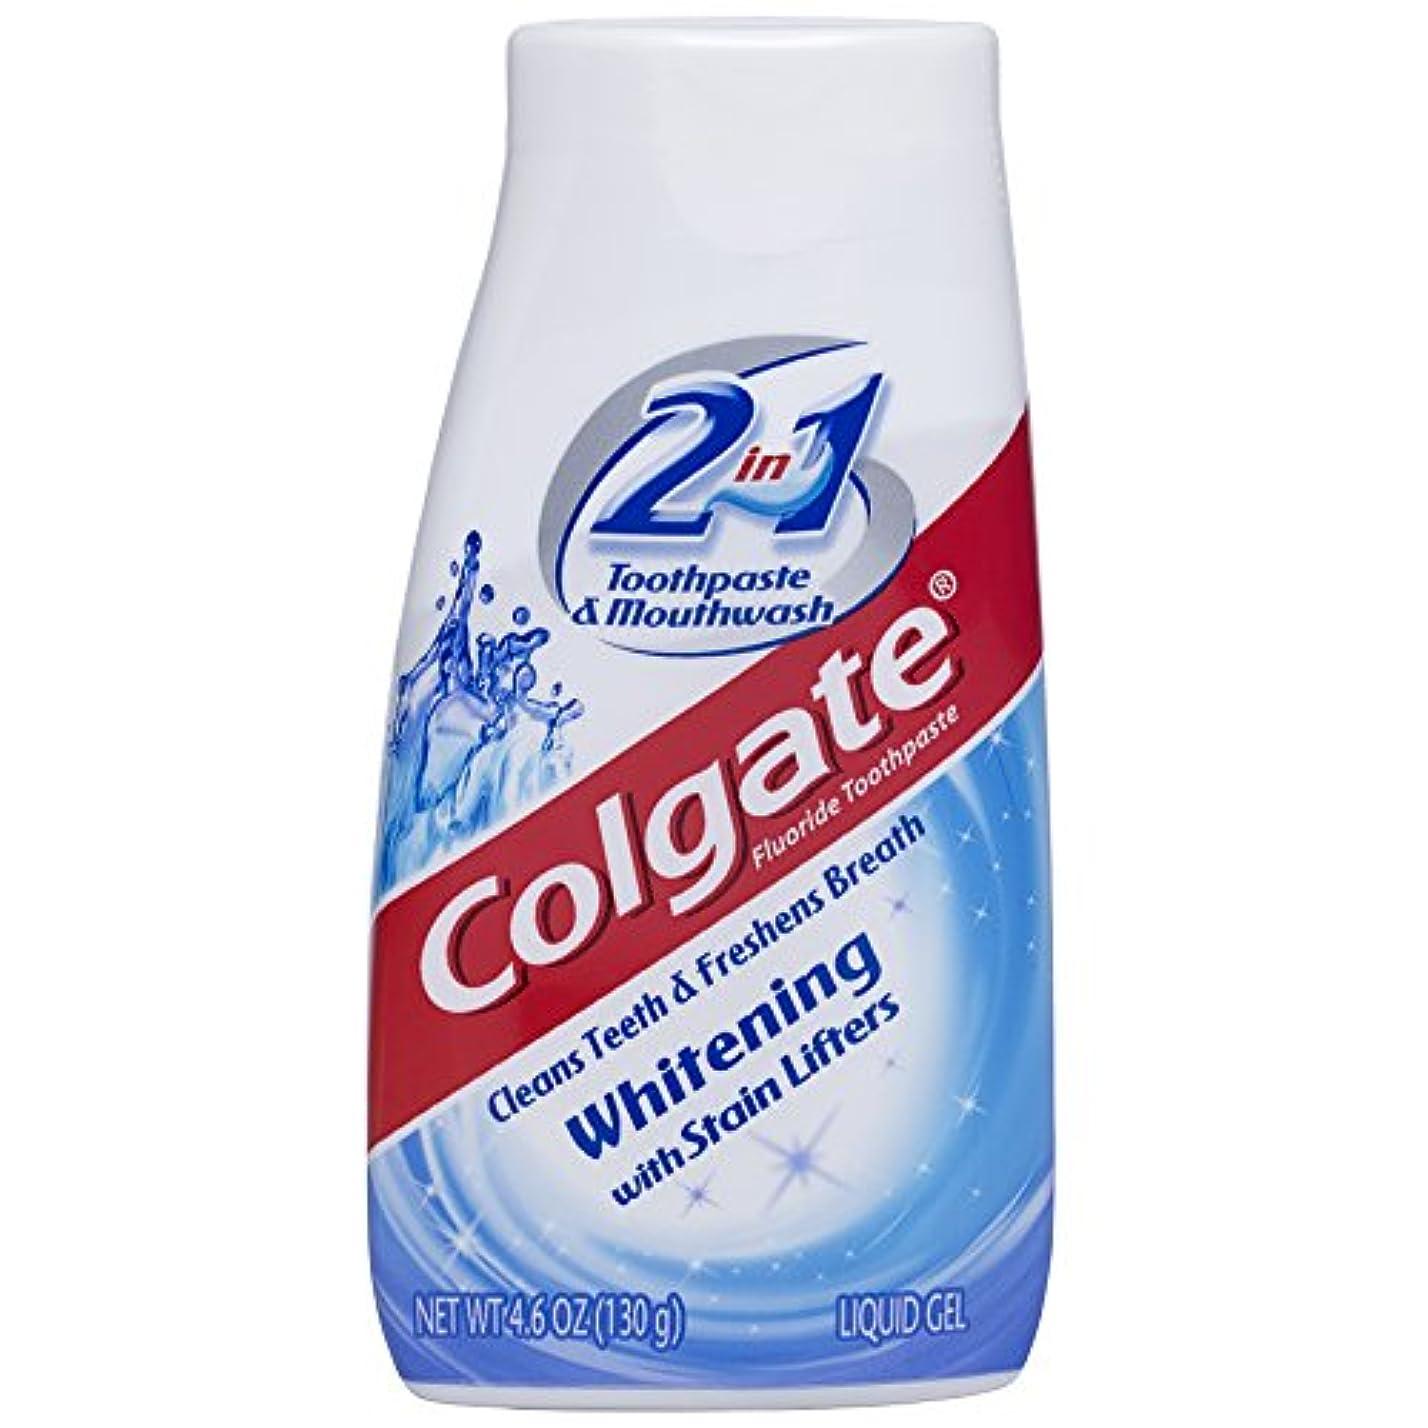 標高車両リング海外直送品Colgate 2 In 1 Toothpaste & Mouthwash Whitening, 4.6 oz by Colgate